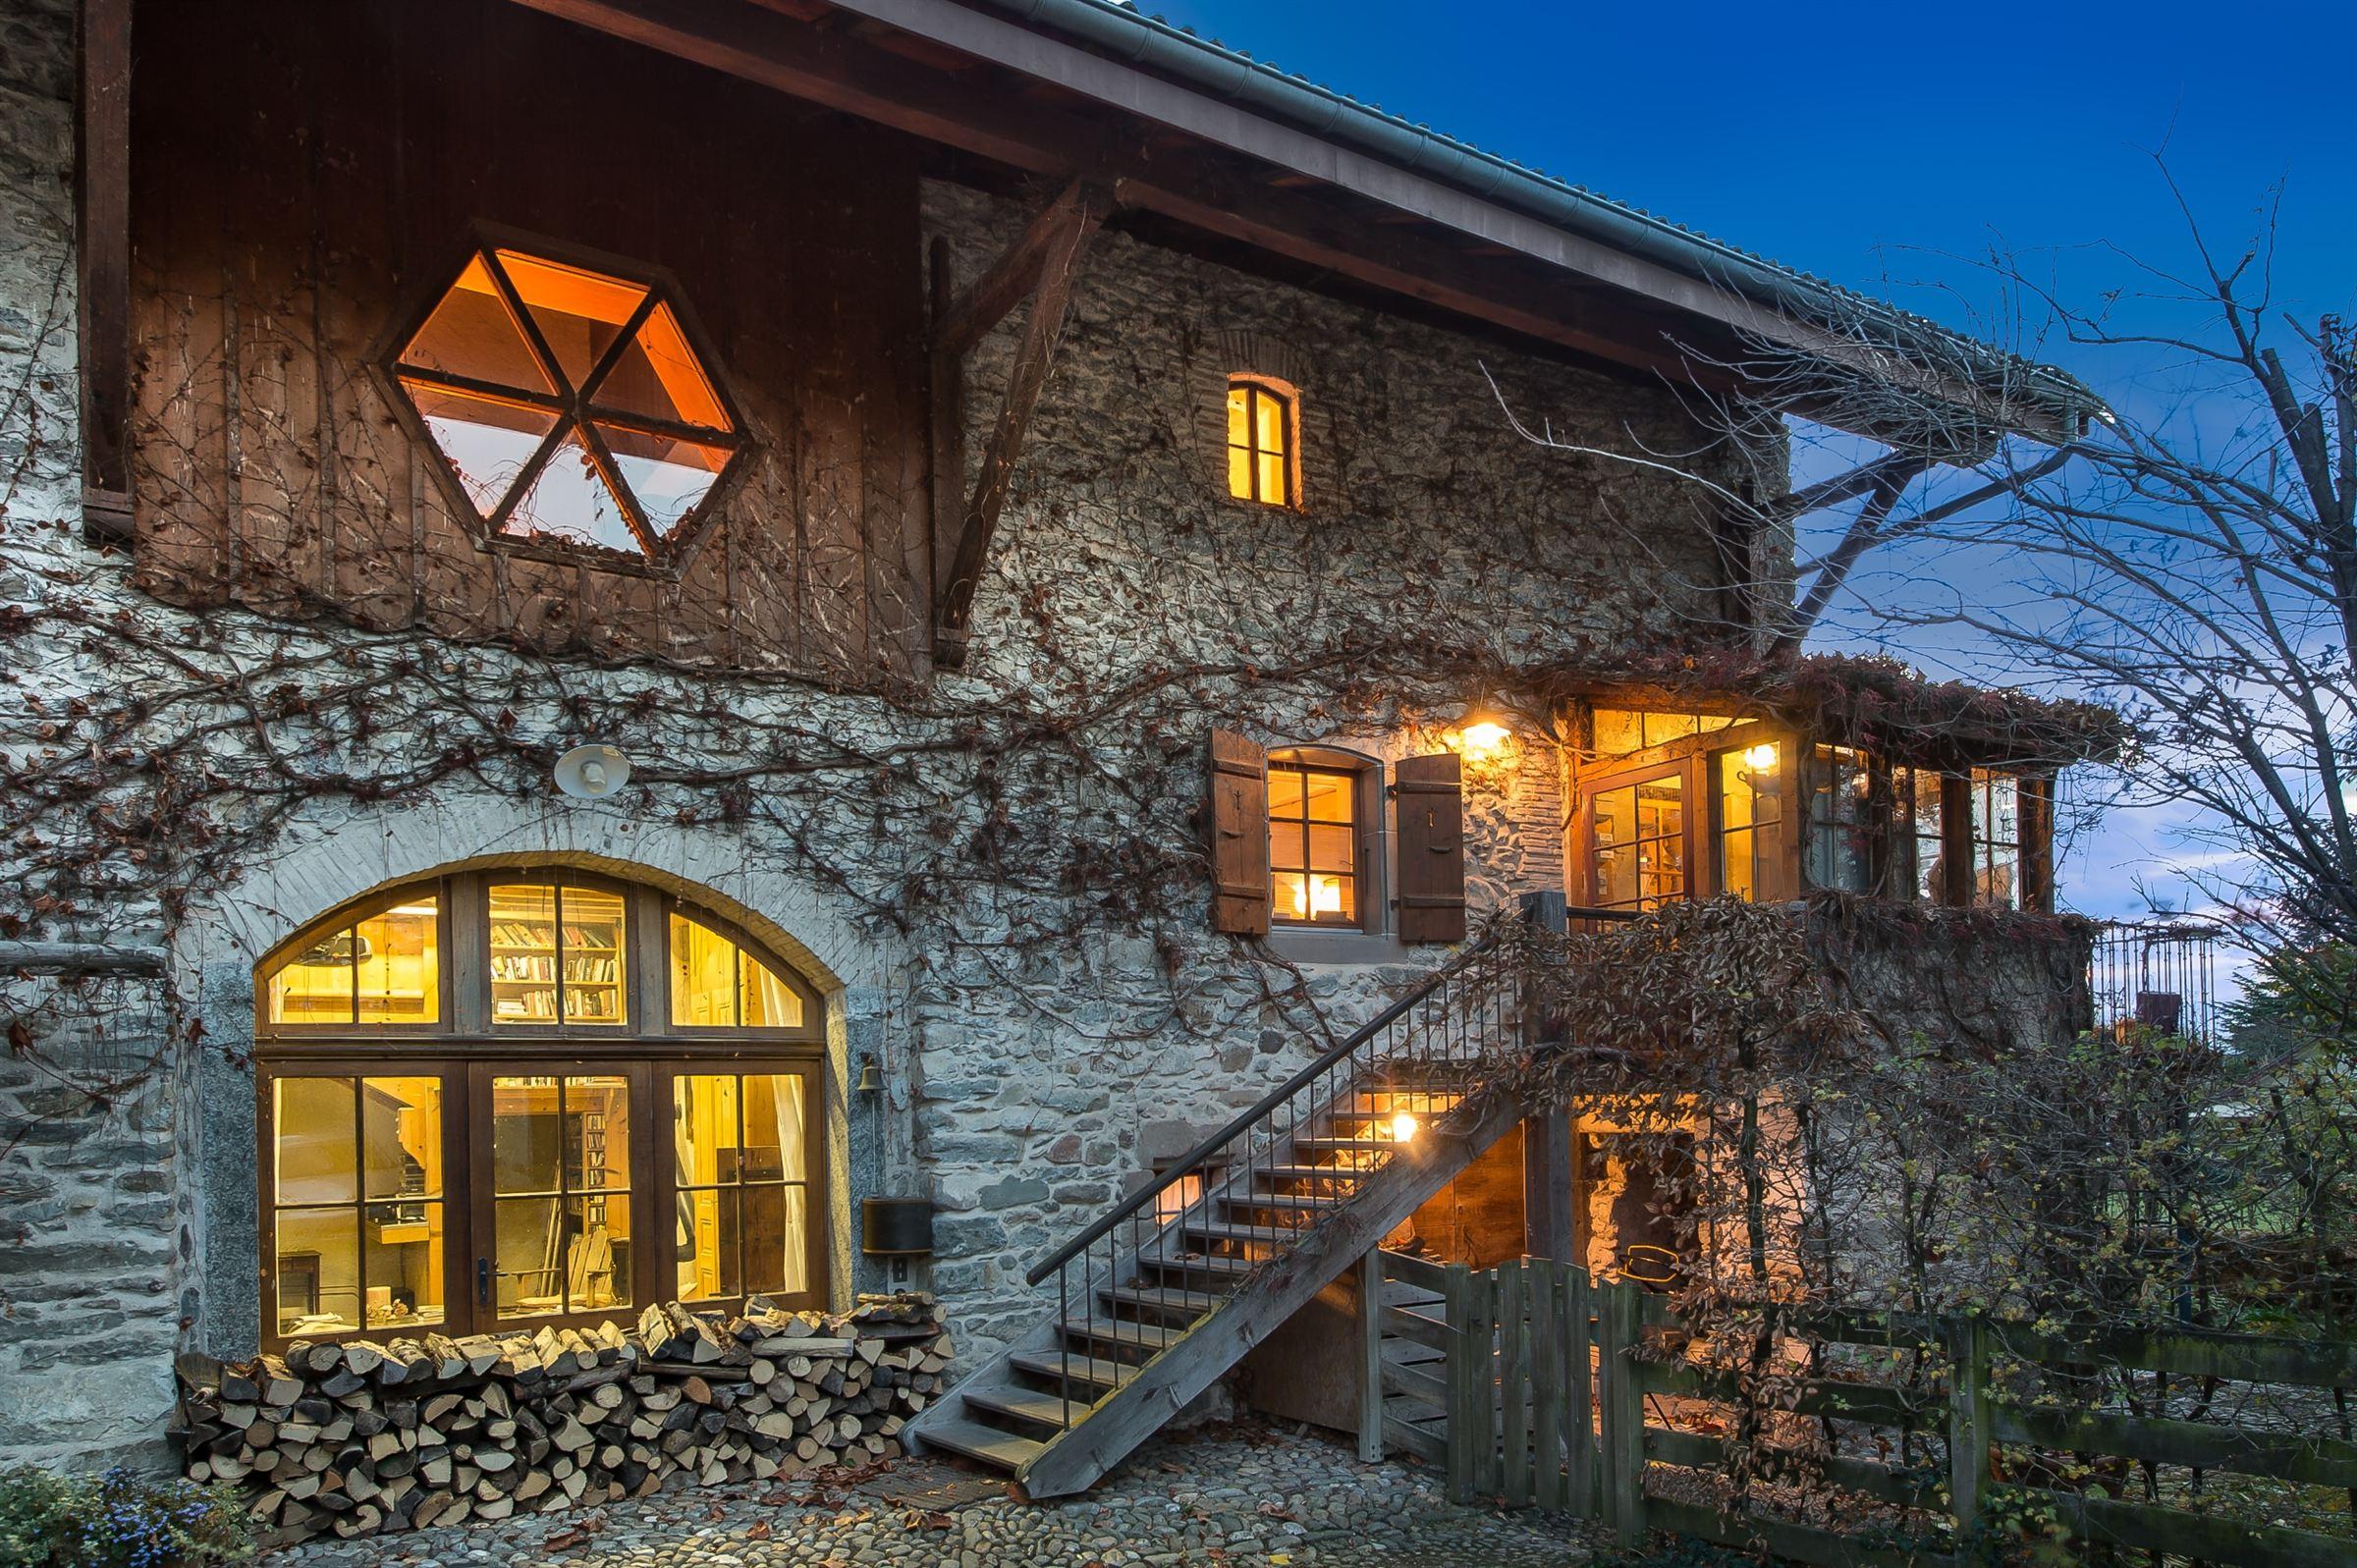 Single Family Home for Sale at Belle bâtisse de 250 m2 sur 1279 m2 proche frontière suisse Messery, Rhone-Alpes 74140 France